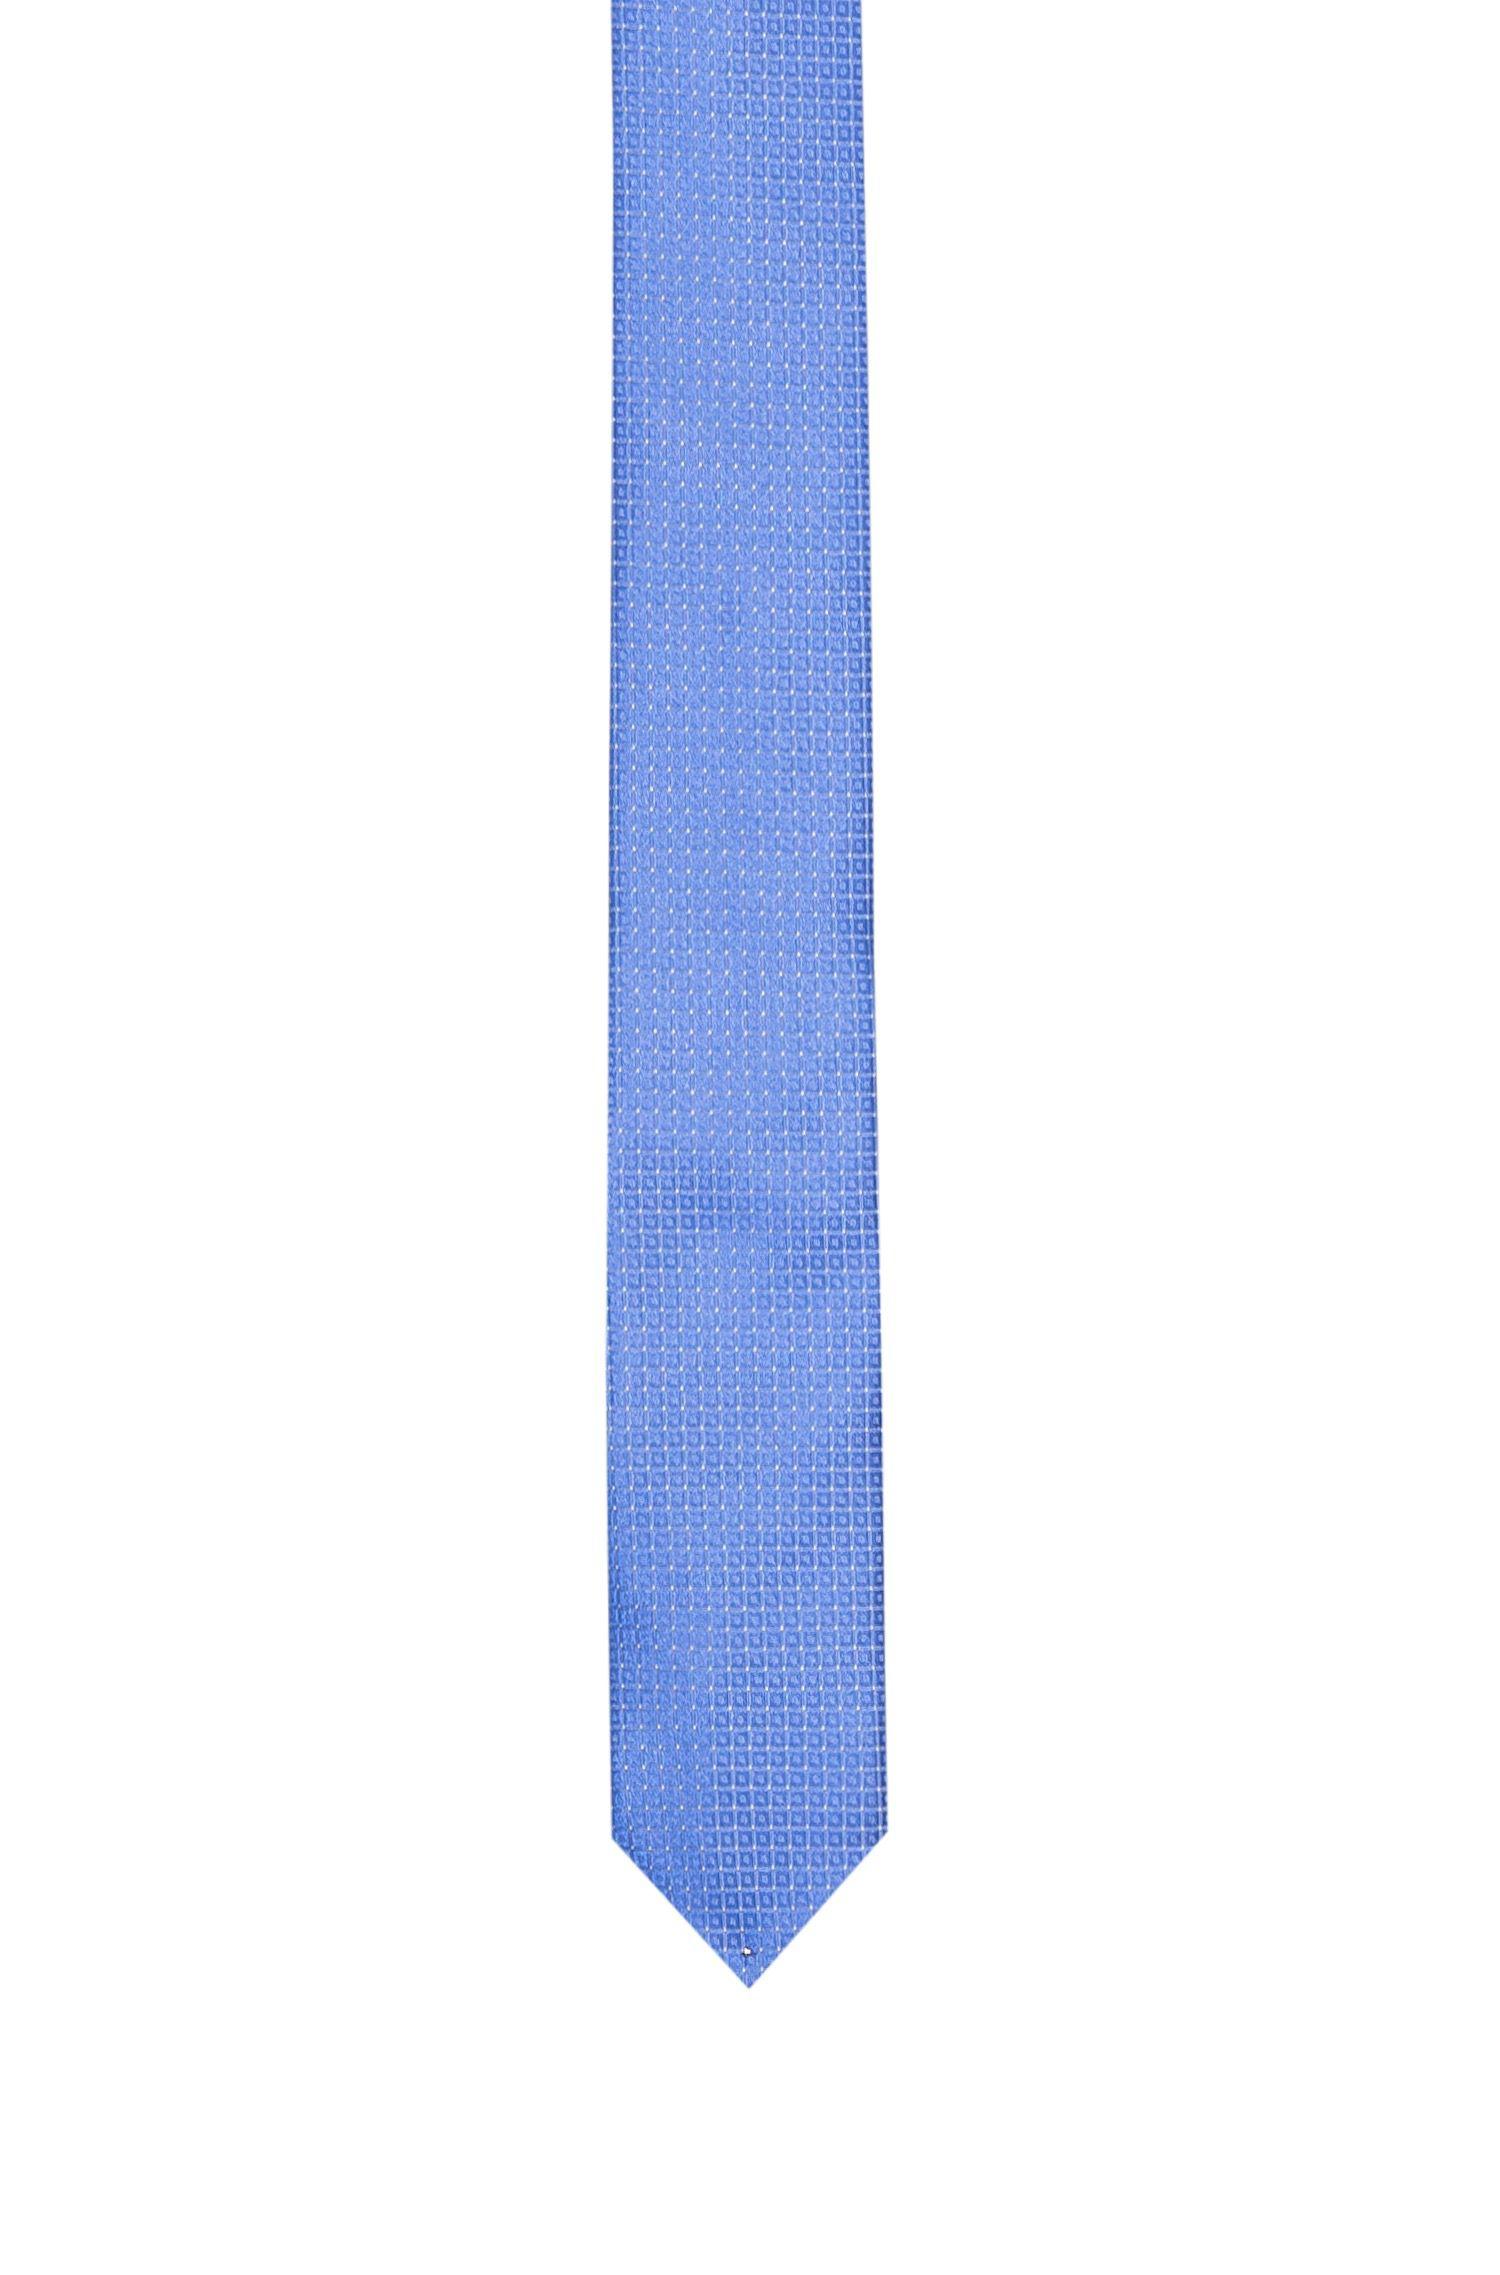 Corbata recta con microestampado en tejido jacquard de seda, Fantasía